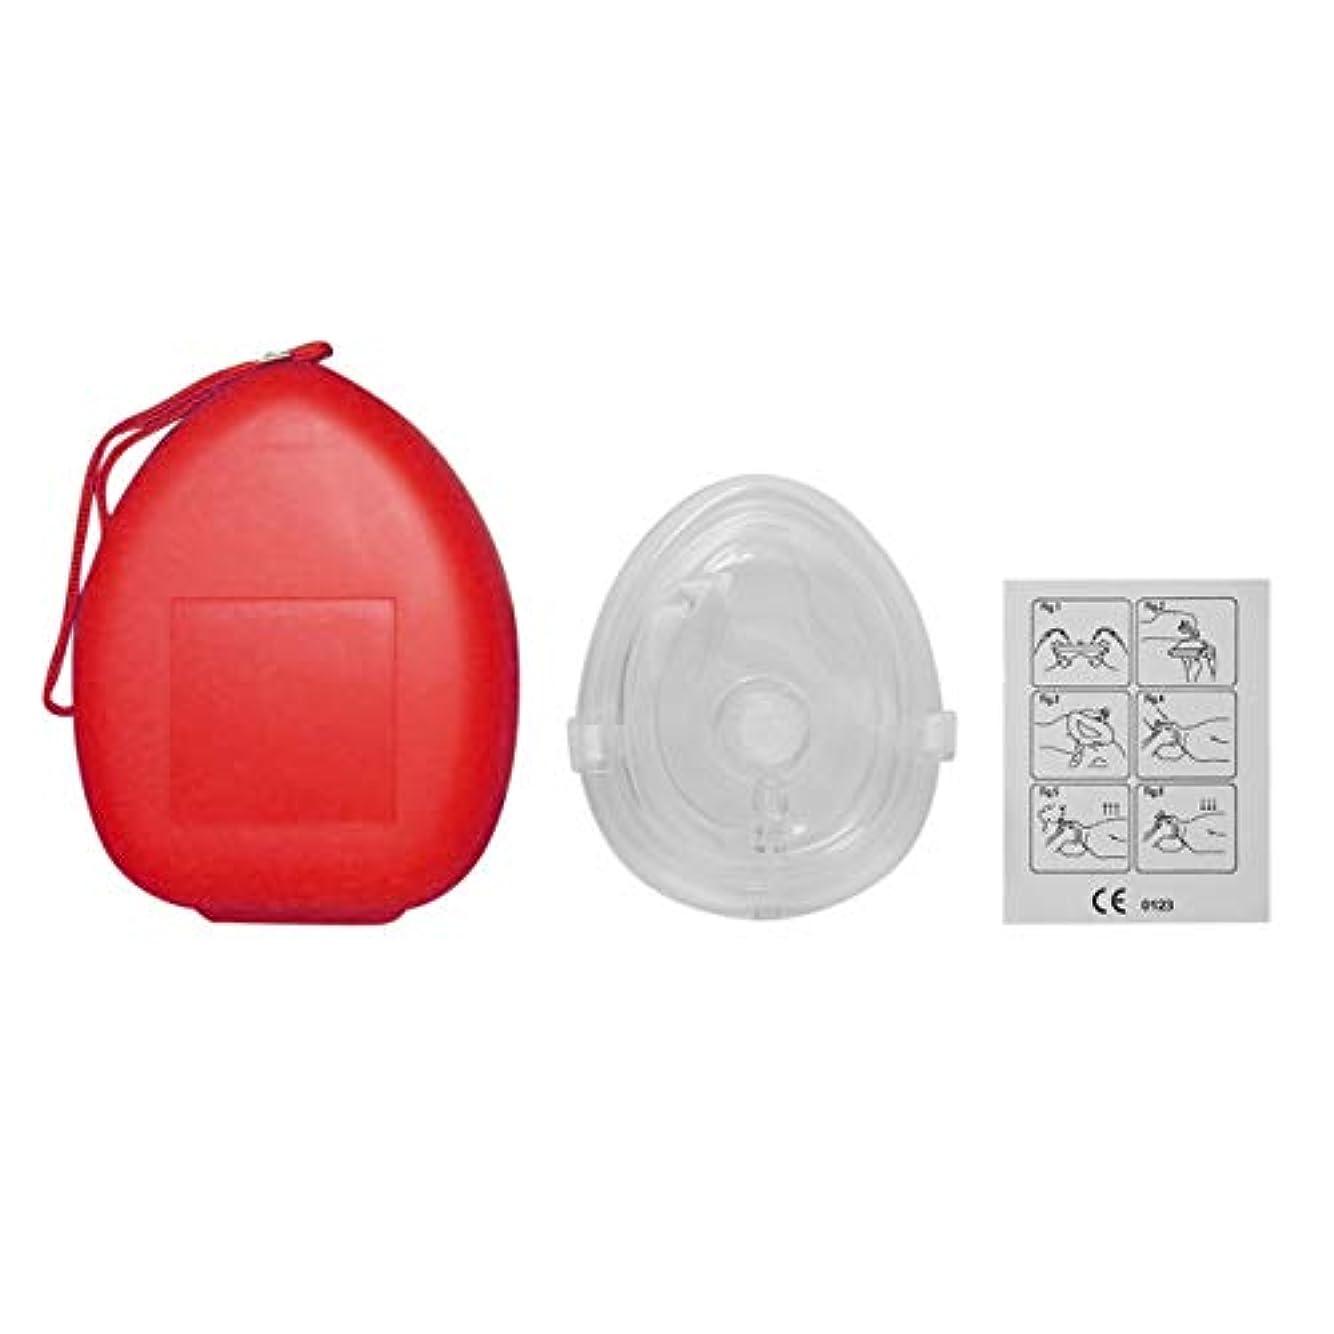 ストレスの多い福祉バイオリニスト友美 プロのcpr顔保護マスク付き一方向弁救急救助者トレーニング教育キット呼吸マスク医療ツール